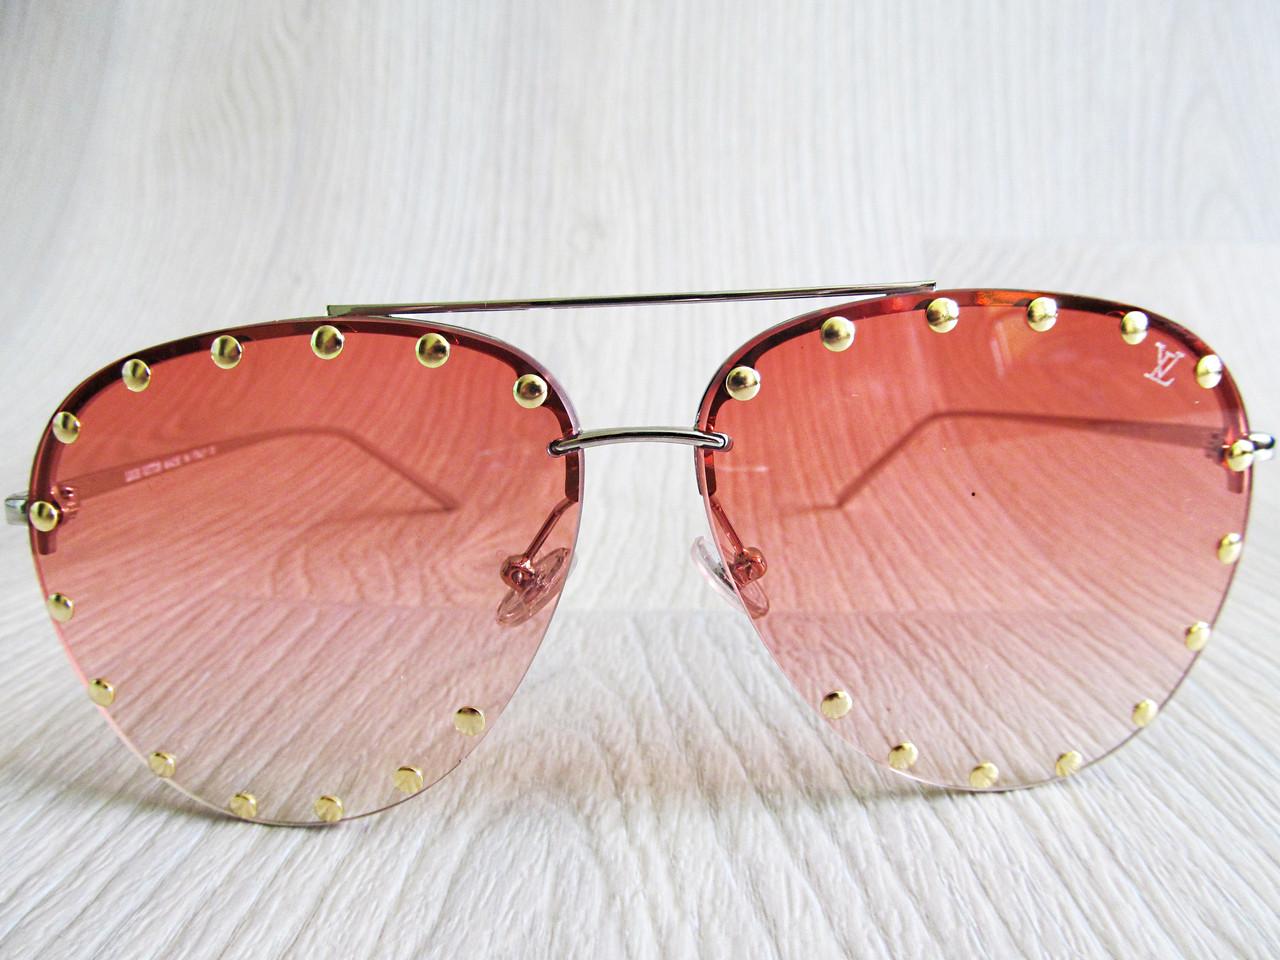 9533af33a1c8 Солнцезащитные очки реплика Луи Витон  заказ, цены в Харькове ...